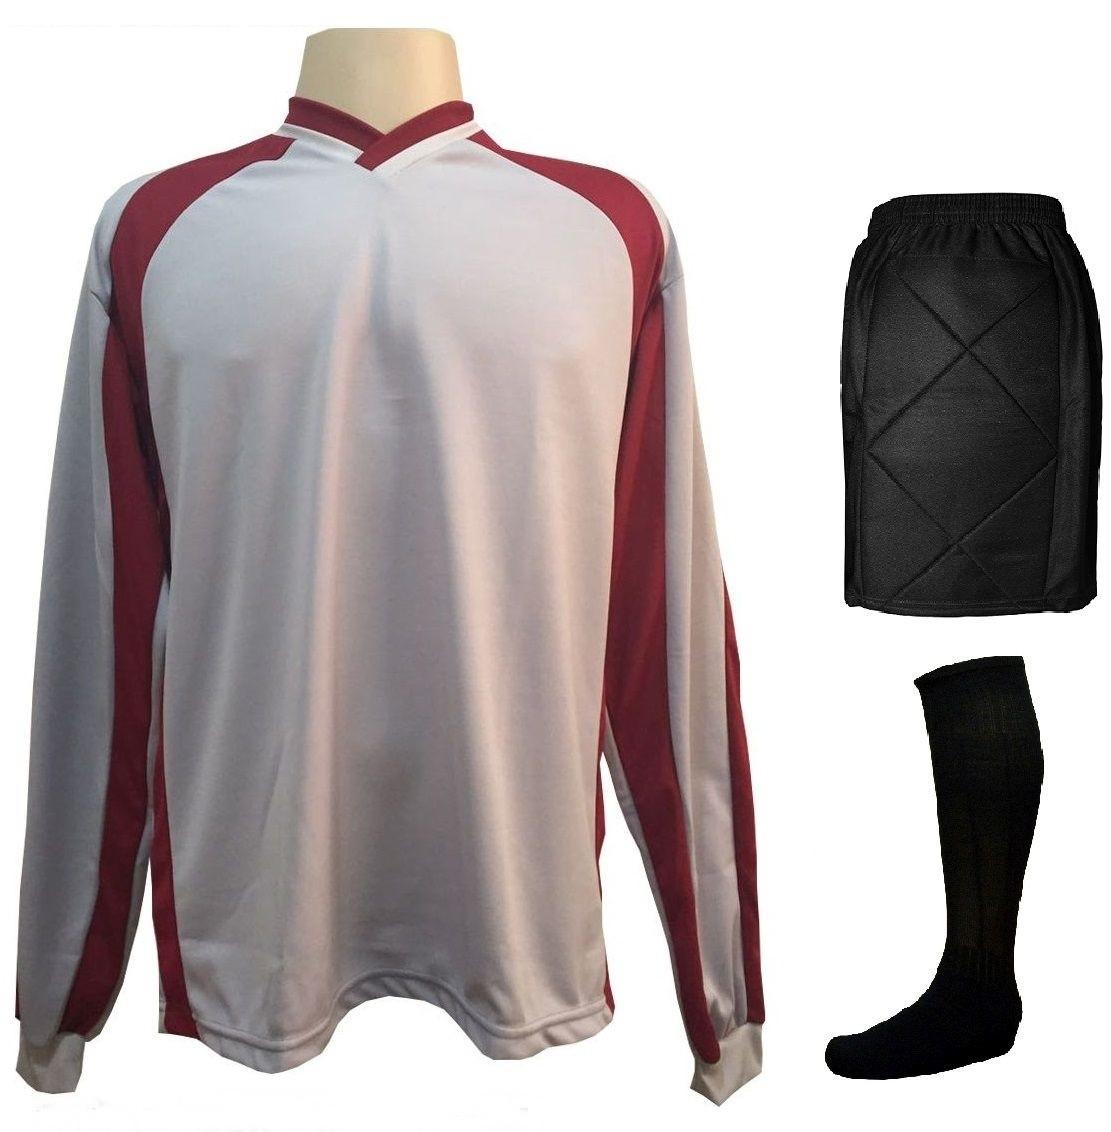 Fardamento Completo modelo Bélgica 20+1 (20 camisas Vermelho/Branco + 20 calções modelo Madrid Vermelho + 20 pares de meiões Branco + 1 conjunto de goleiro) + Brindes